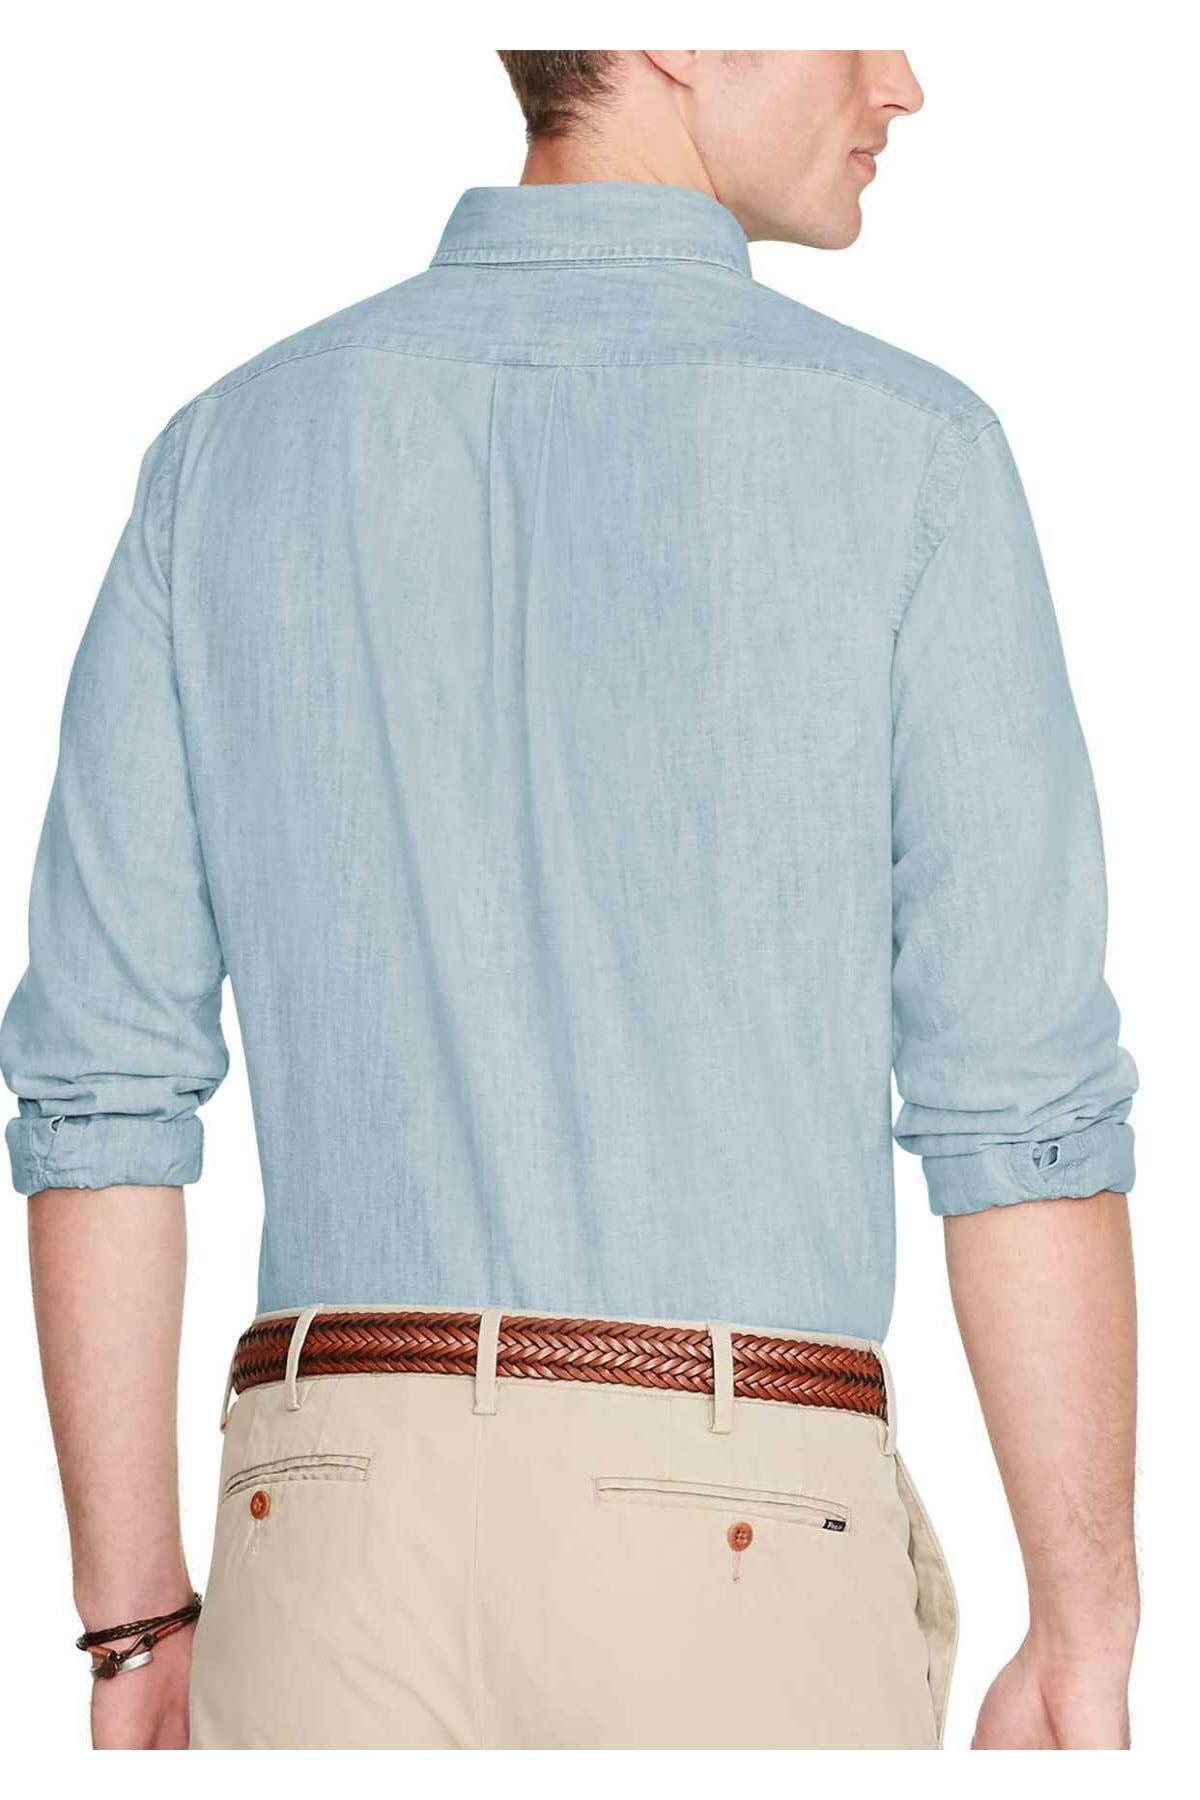 Polo Ralph Lauren Erkek Denim Gömlek 3830056452148 2